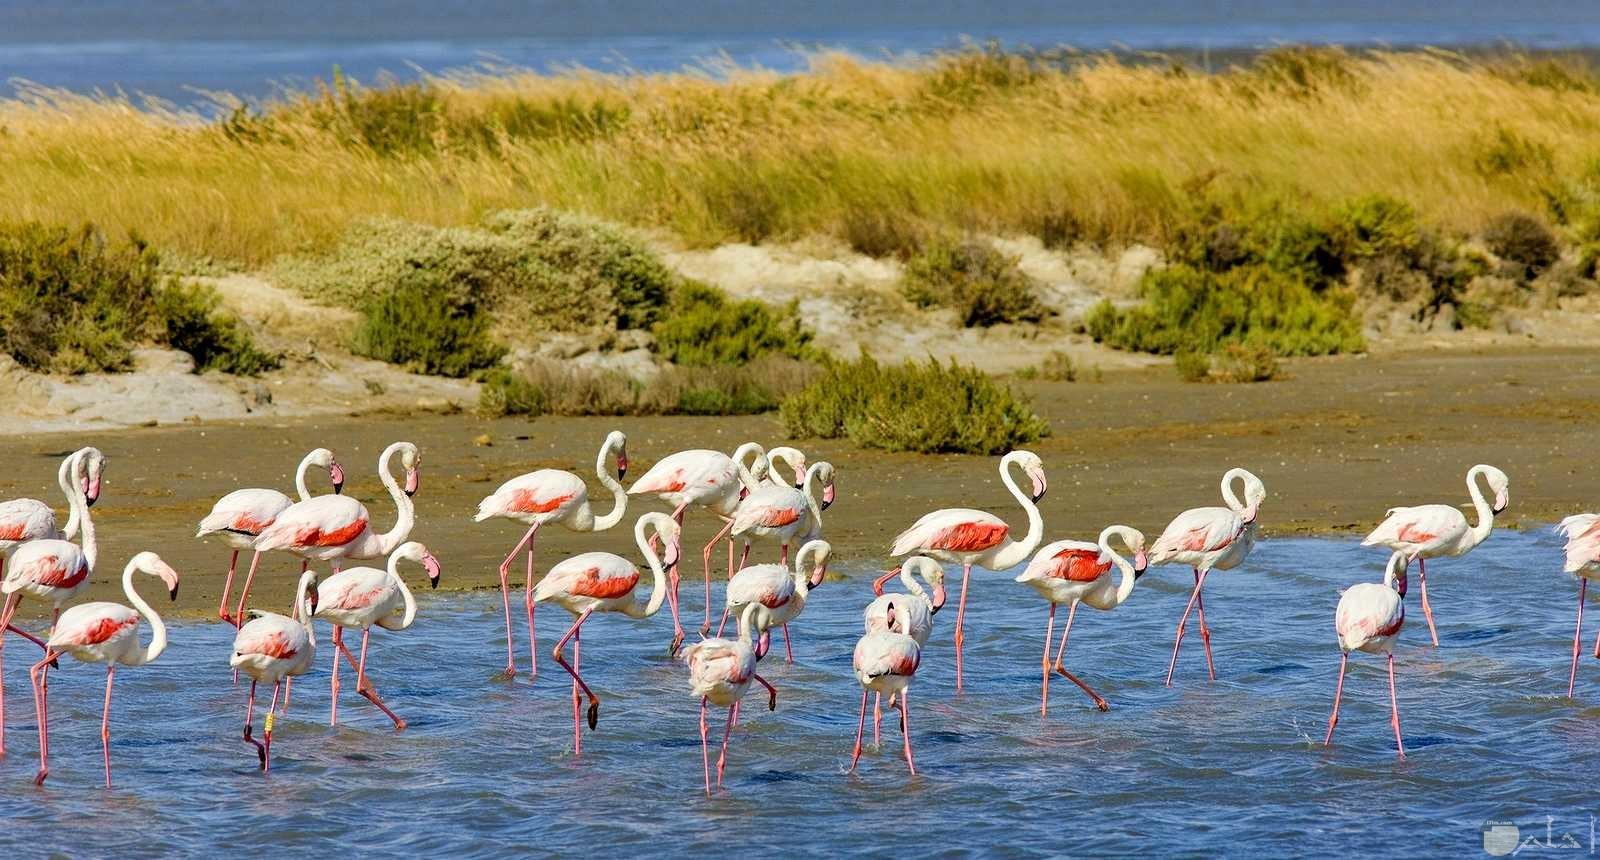 منظر طبيعي جميل لبحيرة وسط الطبيعة الخضراء و بها طيور البجع البرية الجميلة.